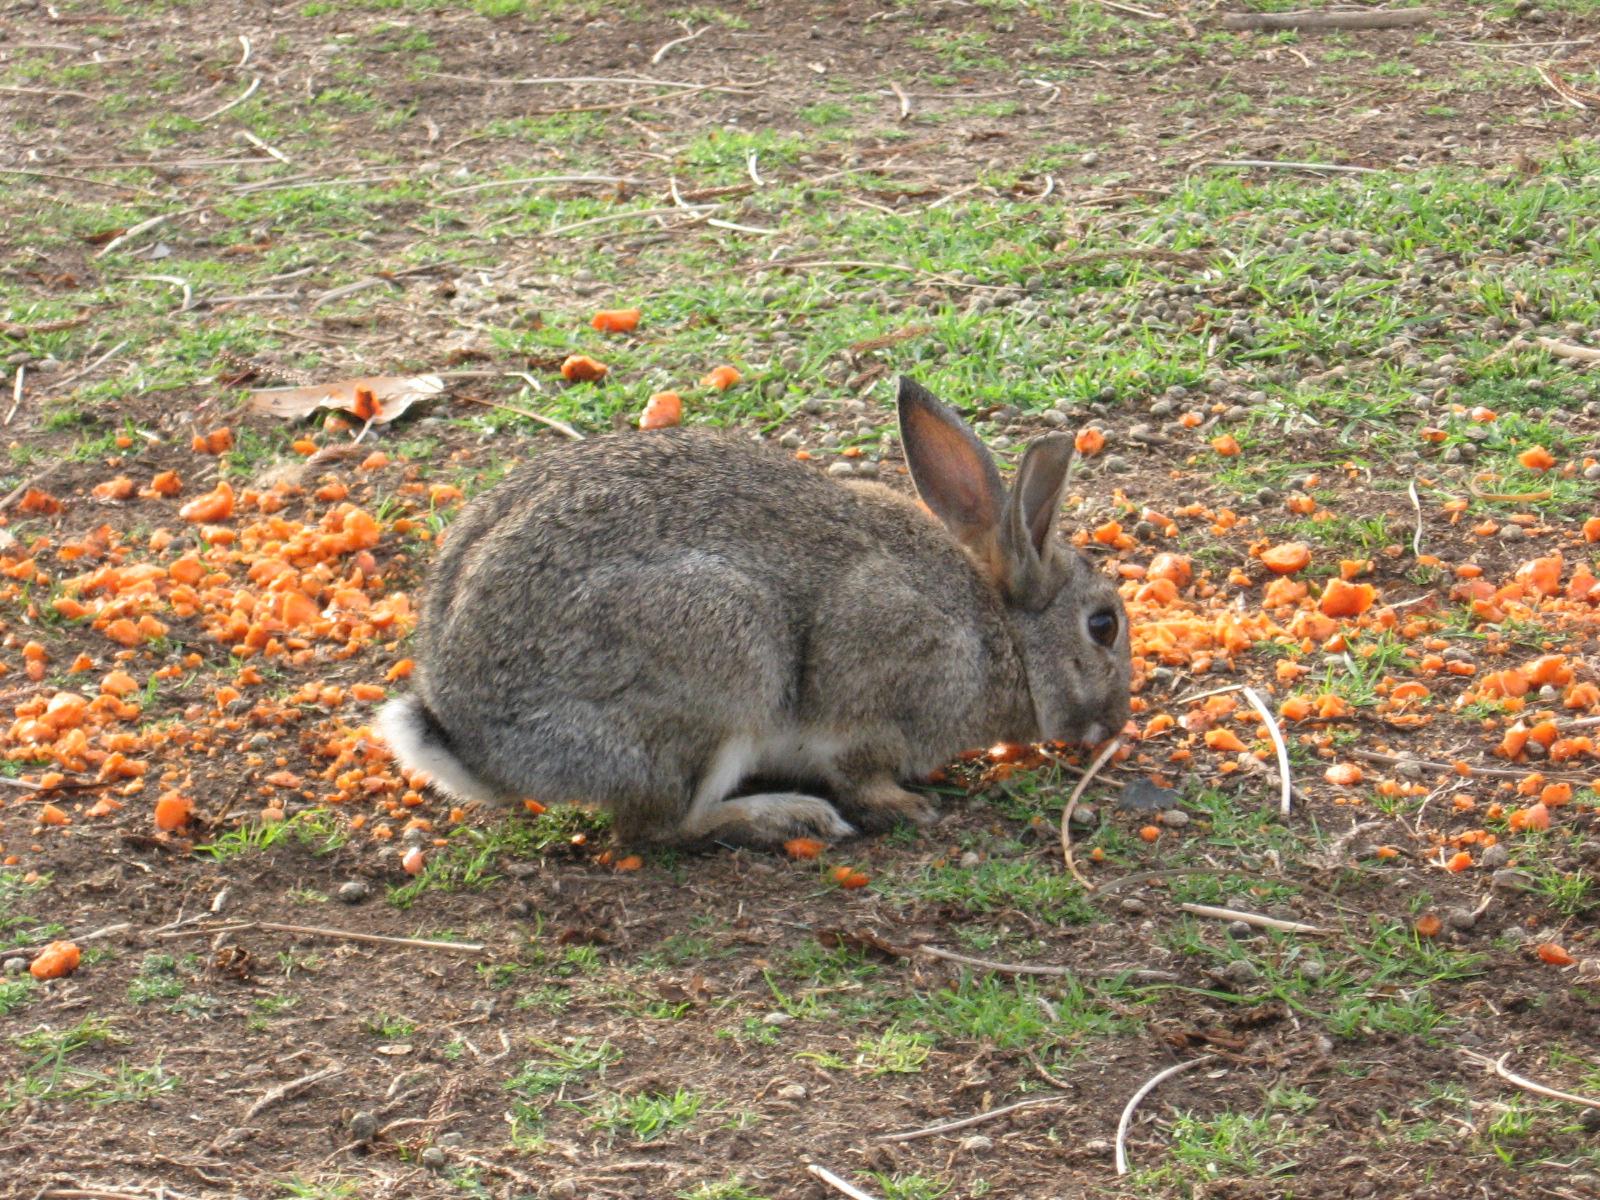 Rabbit eating carrot during free feeding